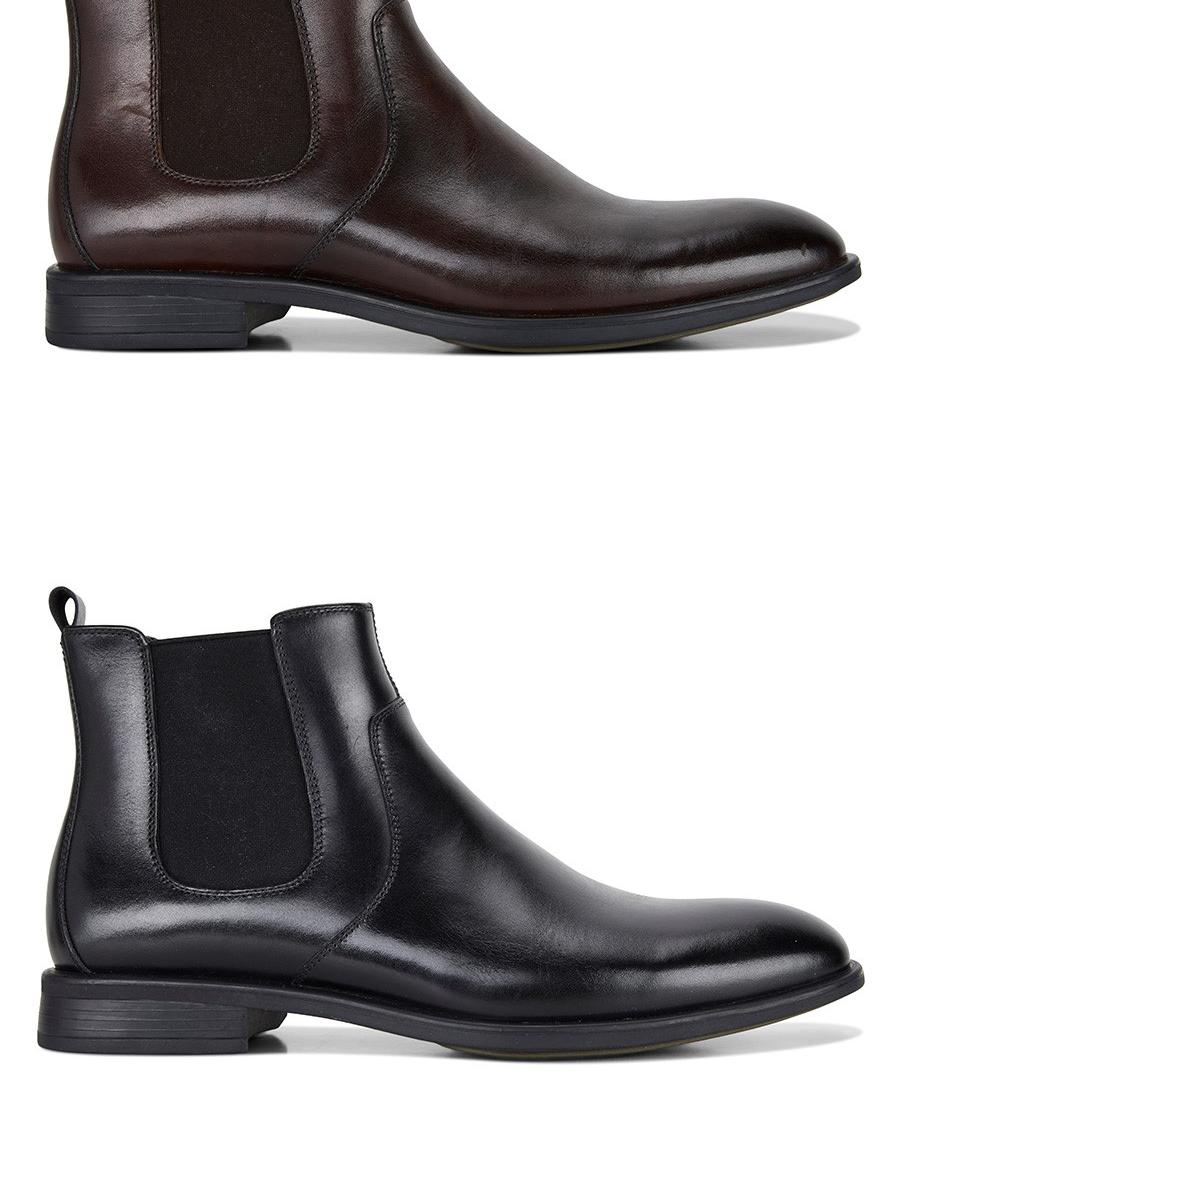 incredibili sconti Mens Julius Marlow Lifted Leather Pull On stivali stivali stivali nero Mocha Work Casual scarpe  classico senza tempo